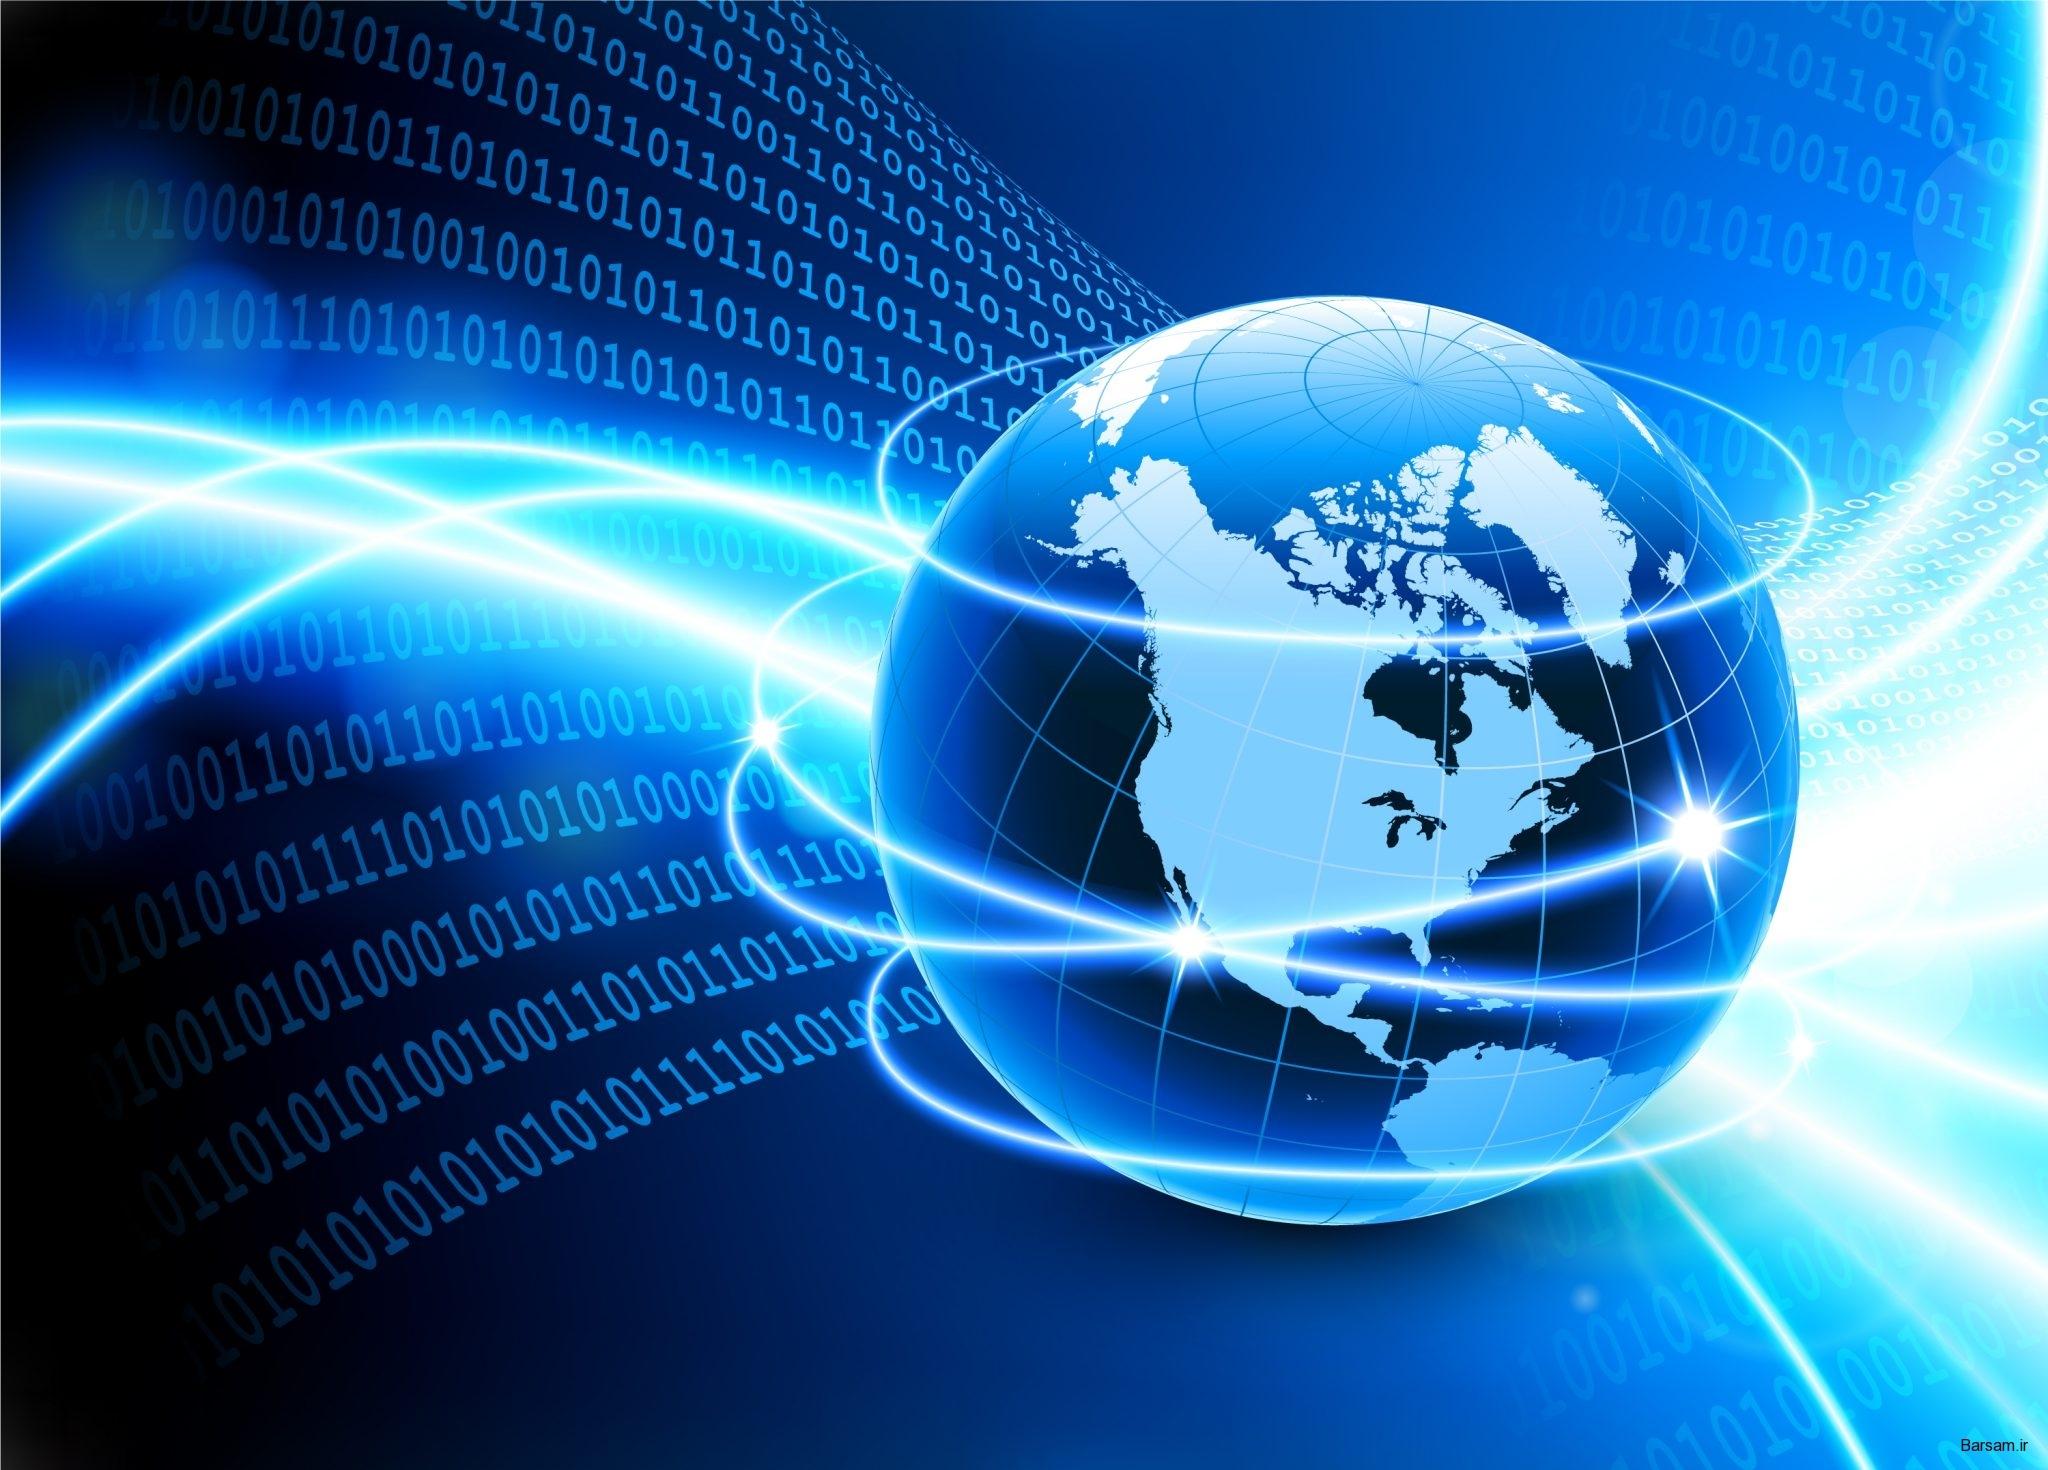 اعتبار قرارداد های سابق اینترنت حجمی مخابرات